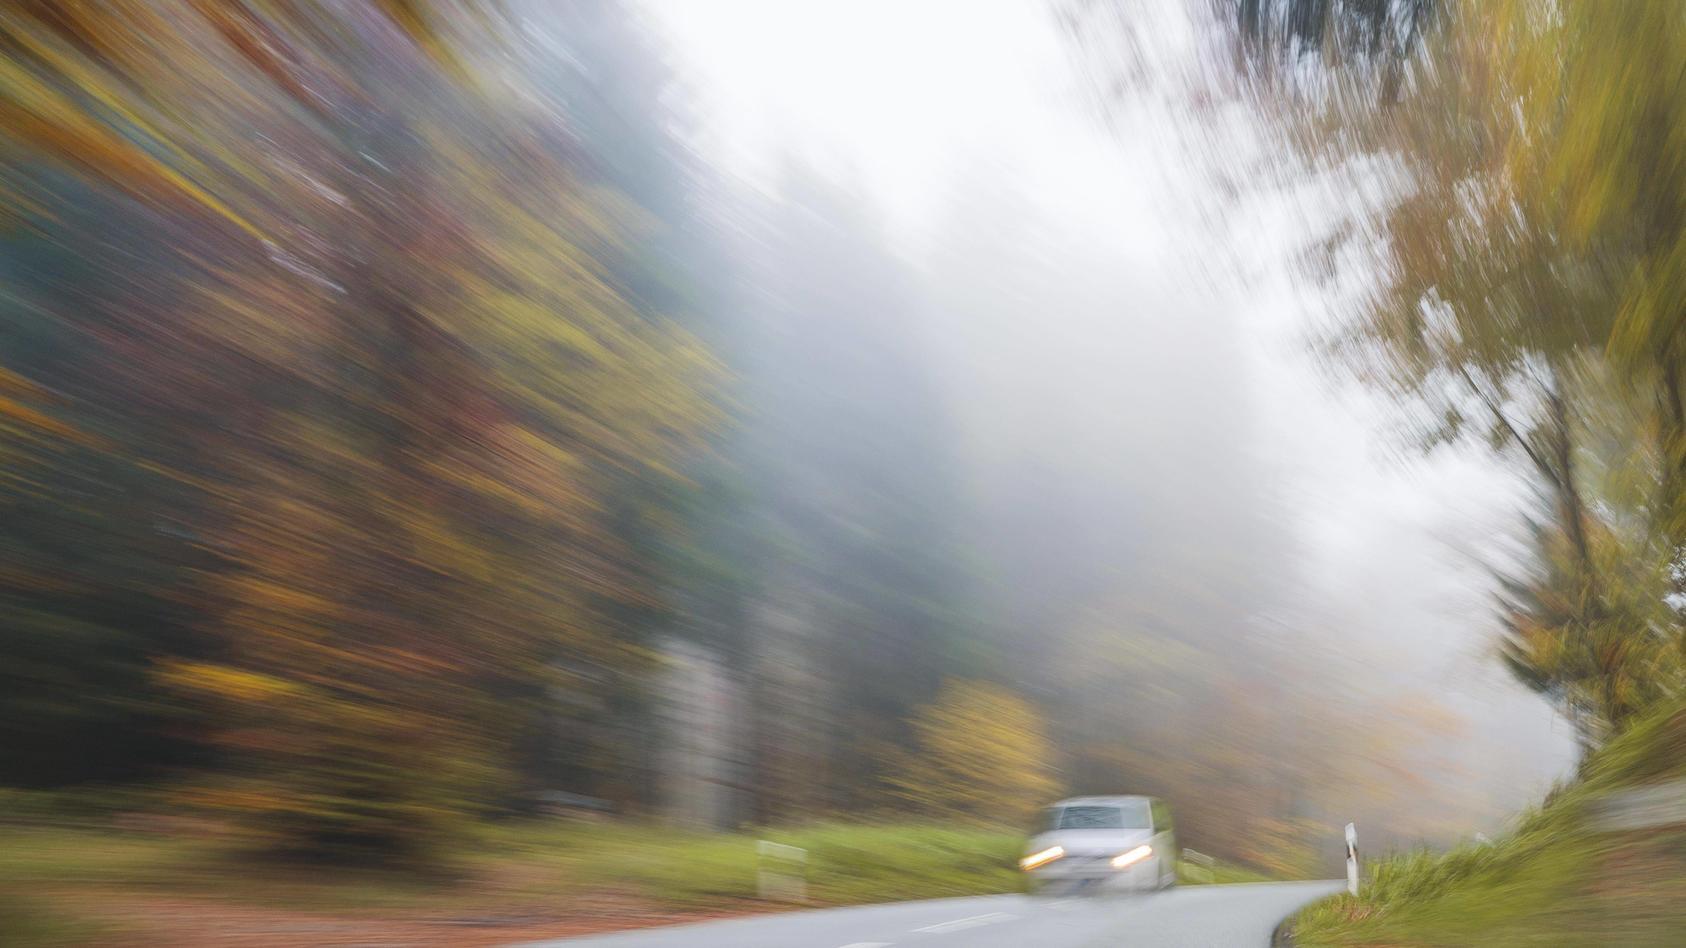 Früh-Wetter Deutschland - Sonne folgt auf Nebel, Wolken bleiben